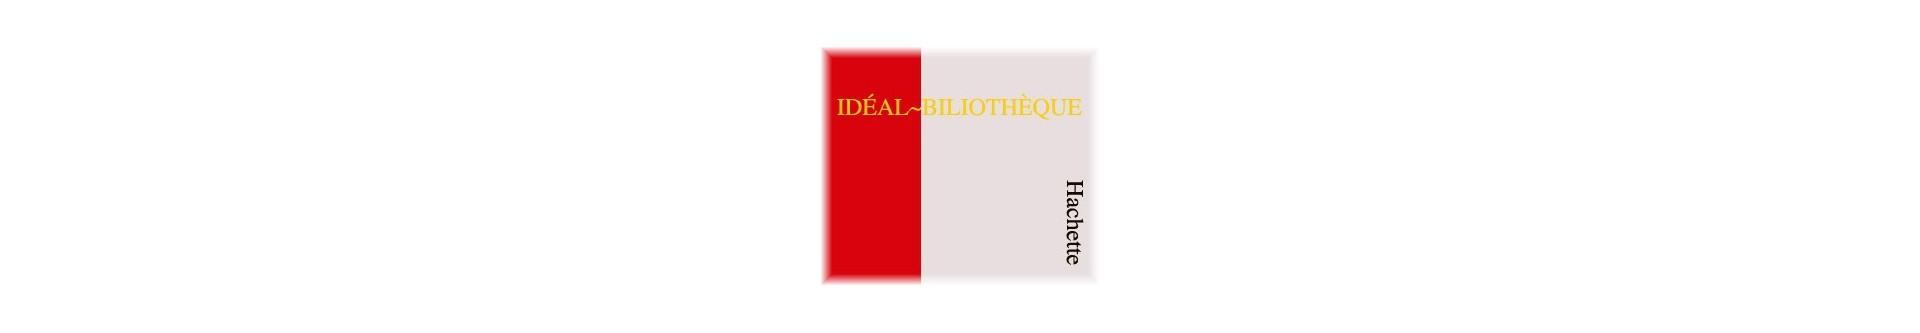 Idéal-Bibliothèque | Éditions Hachette | Vente de livres d'occasion